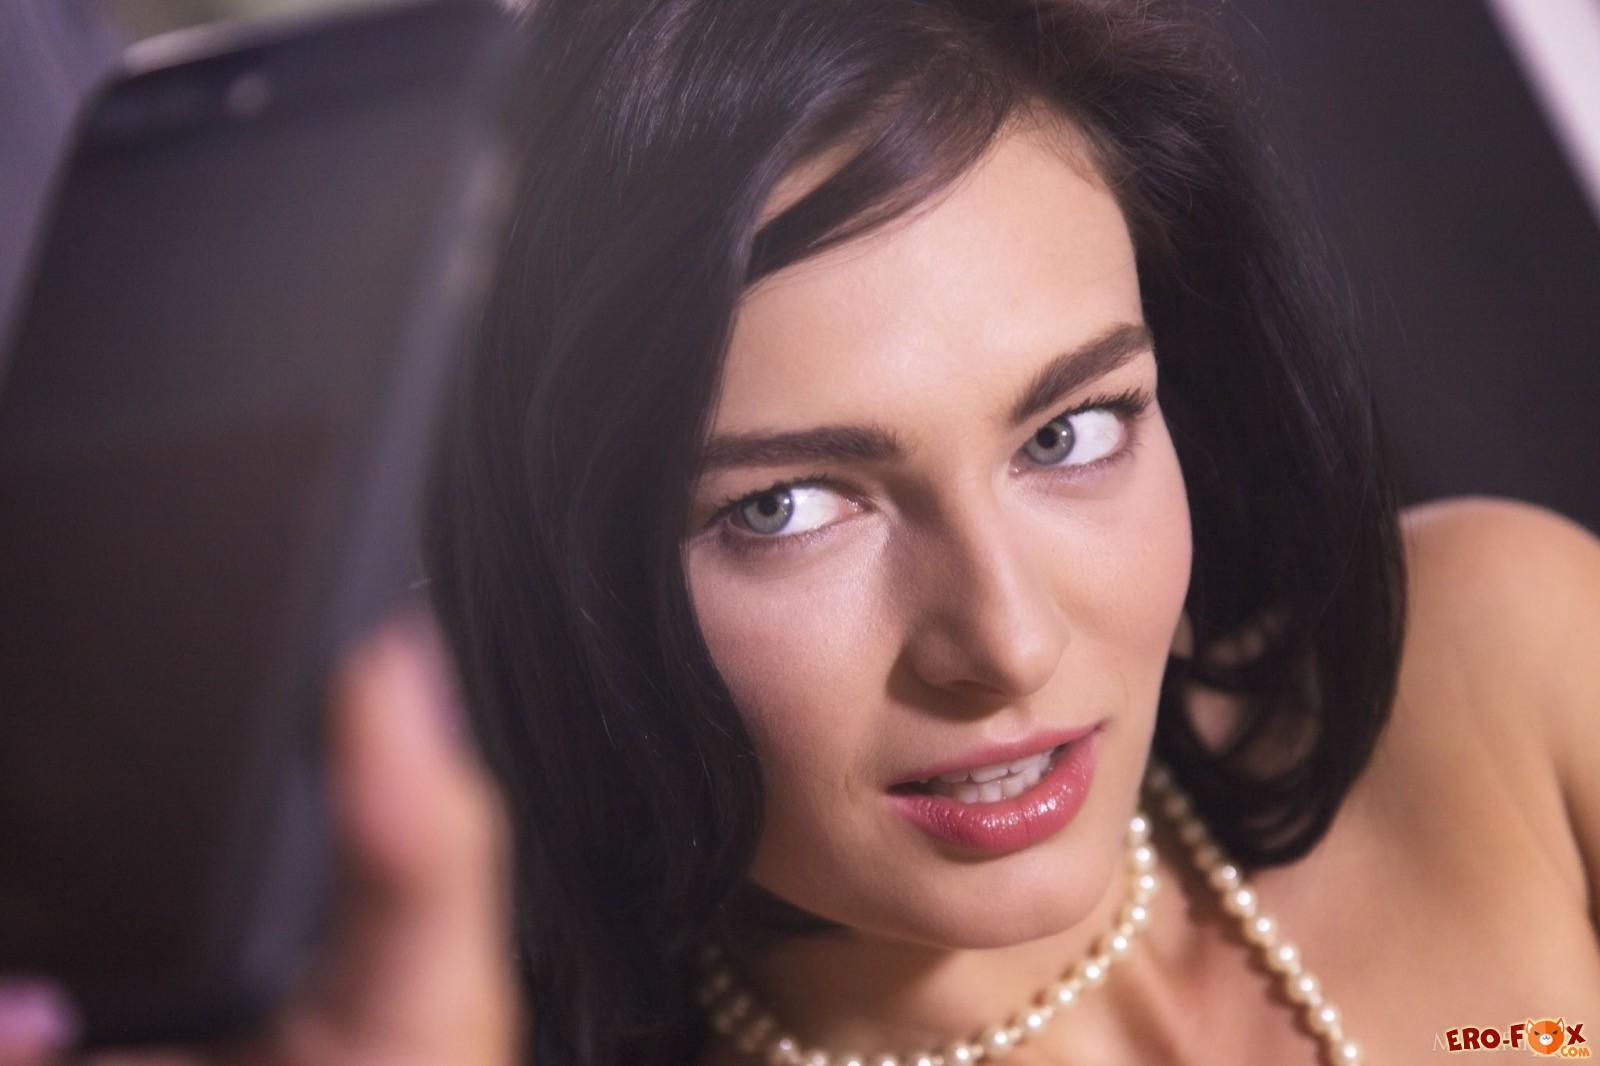 Развратная брюнетка в чулках фоткает себя на телефон - эротика